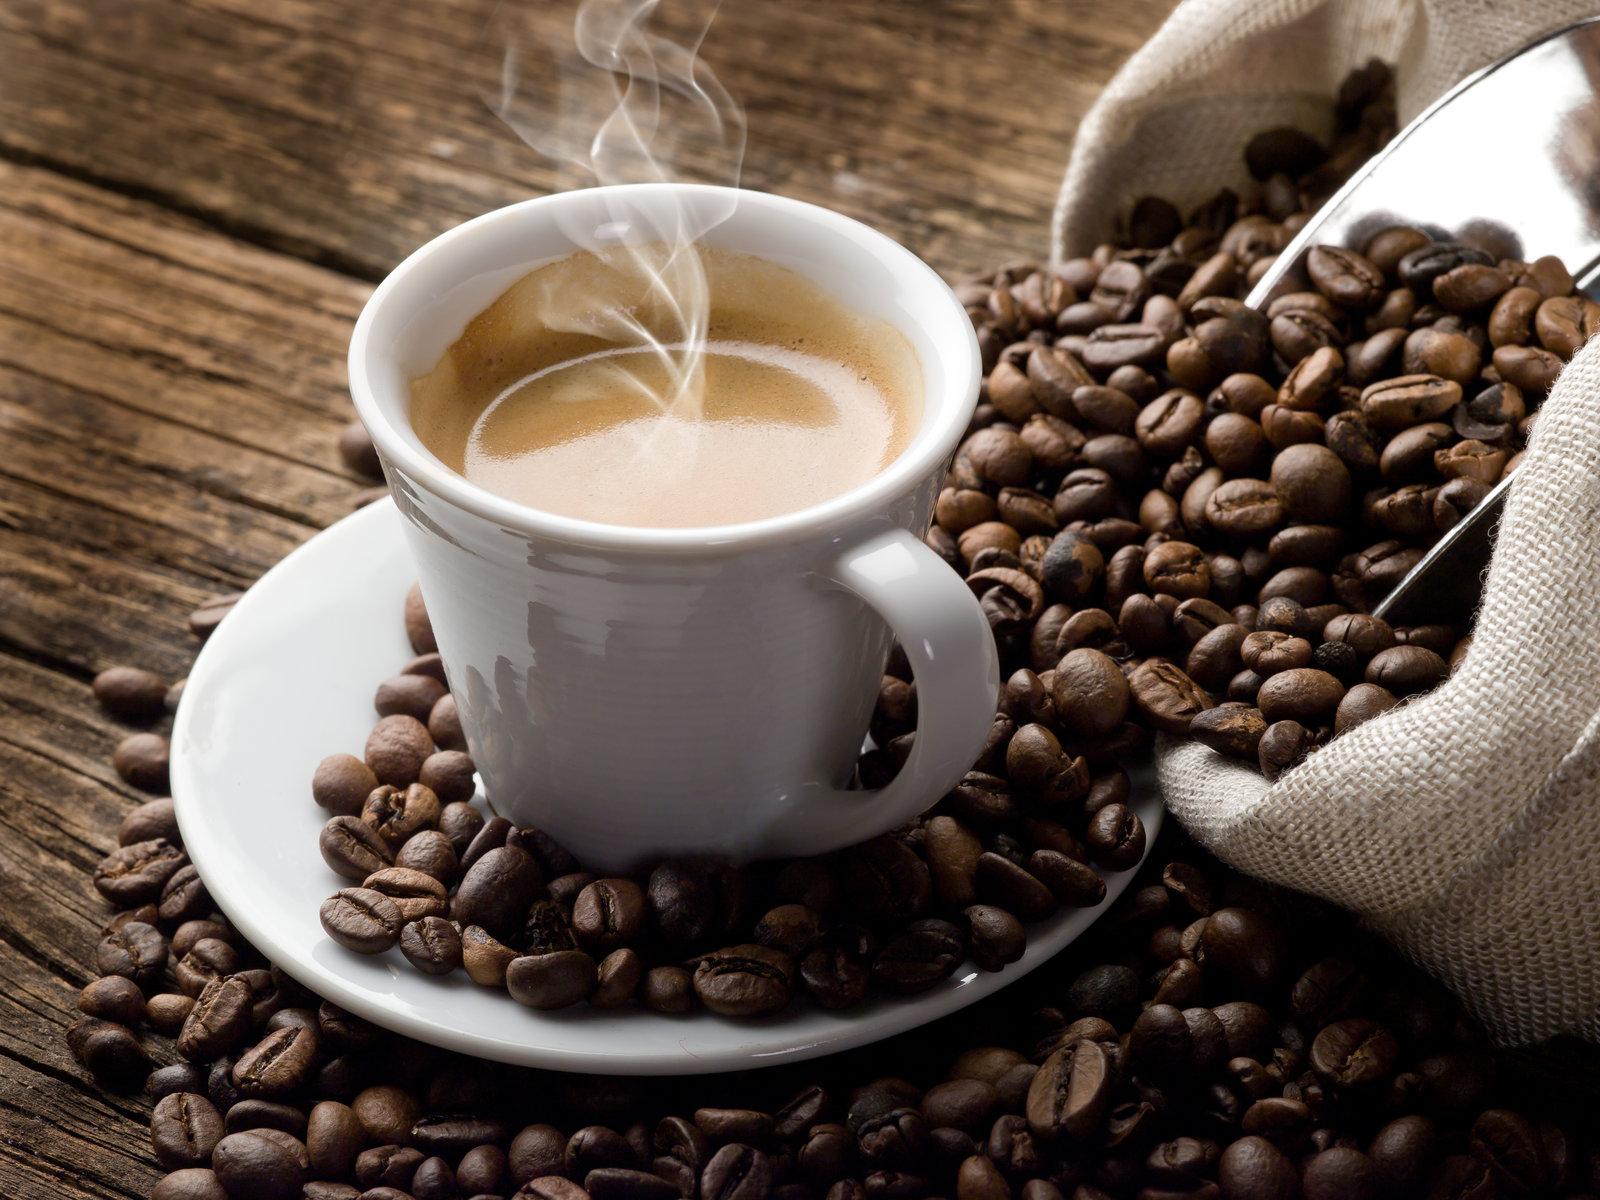 Taza de café rodeada de granos enteros de café